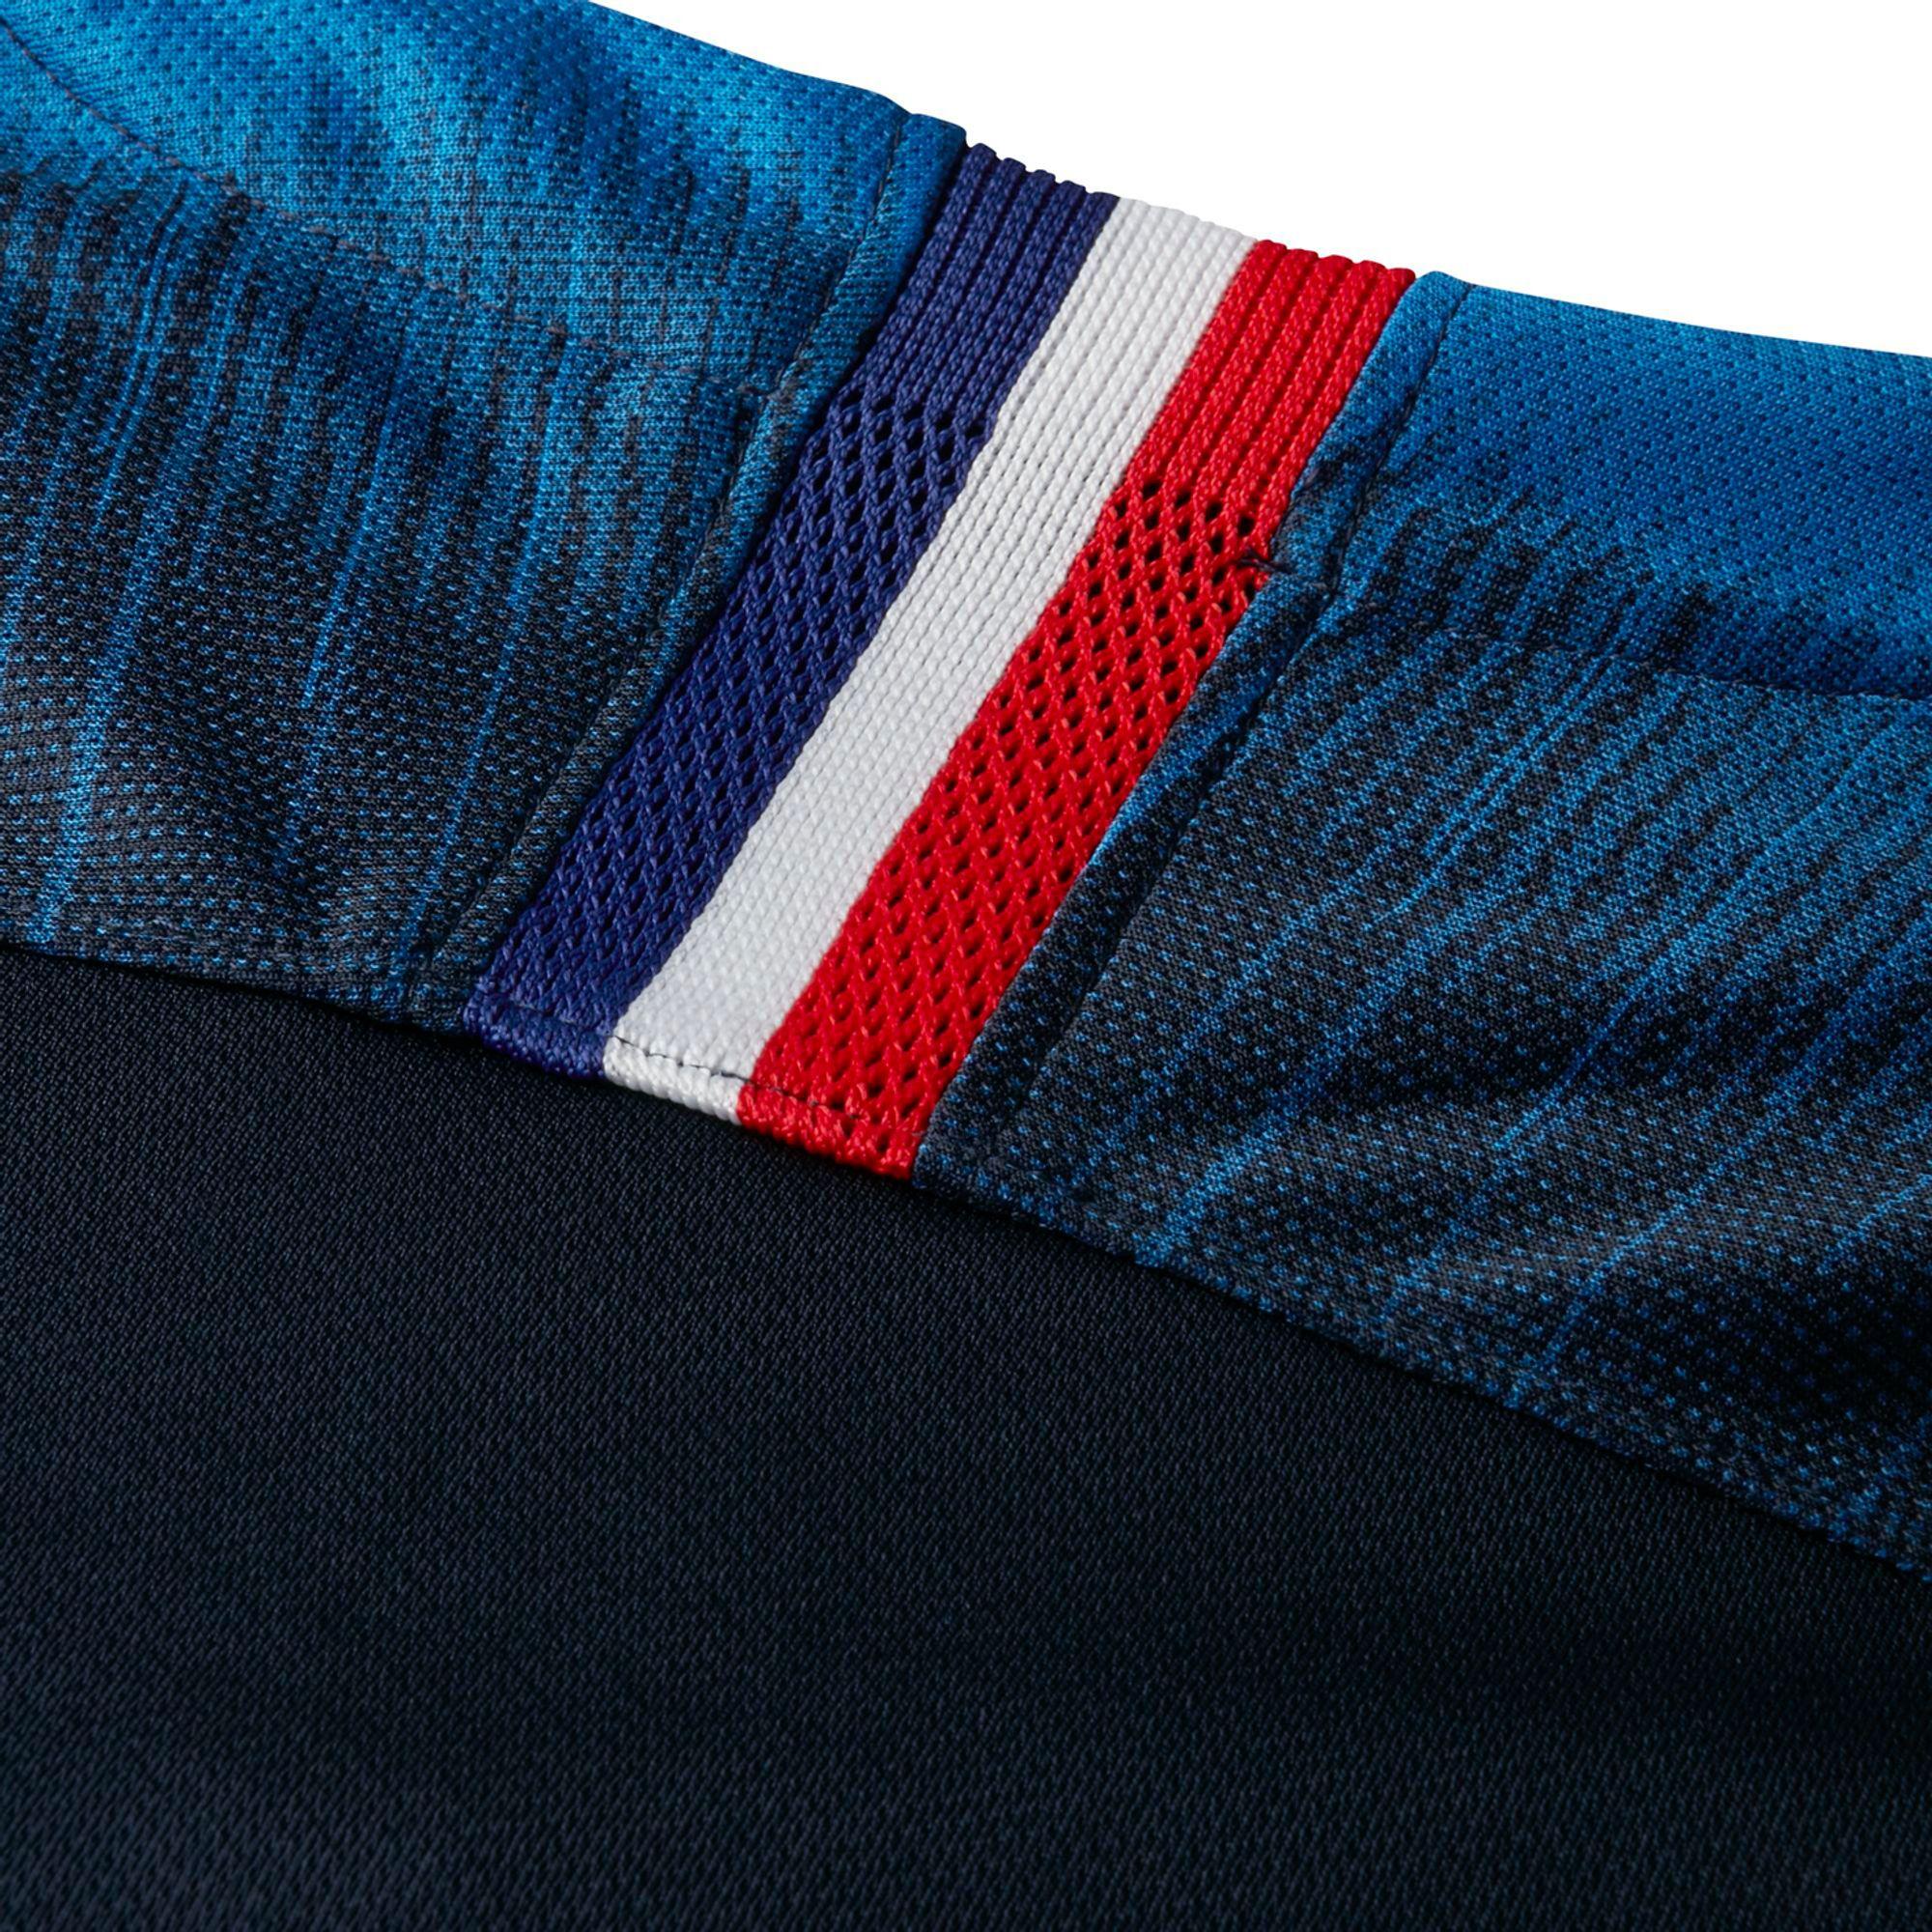 b9fe48ae76e69 camiseta-nike-fff-seleccion-francia-893872- ...